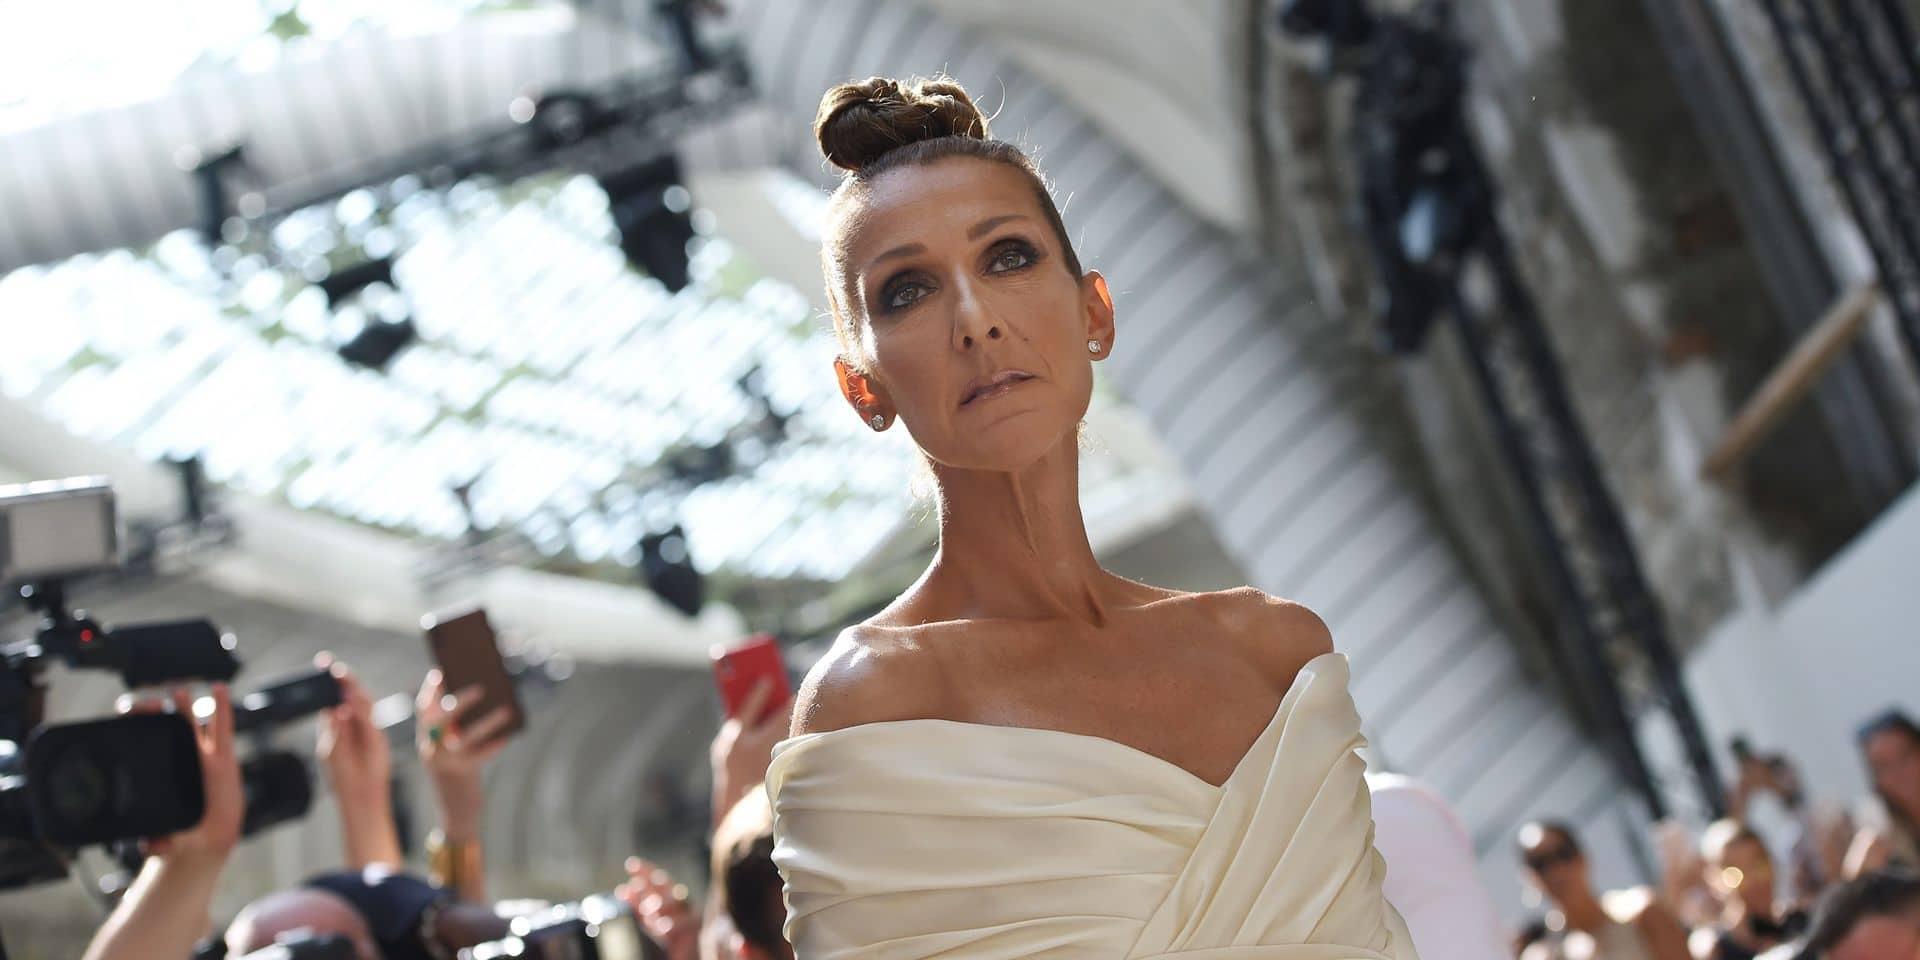 """Cette photo provoque l'inquiétude des fans de Céline Dion : """"Mangez un peu par pitié"""""""